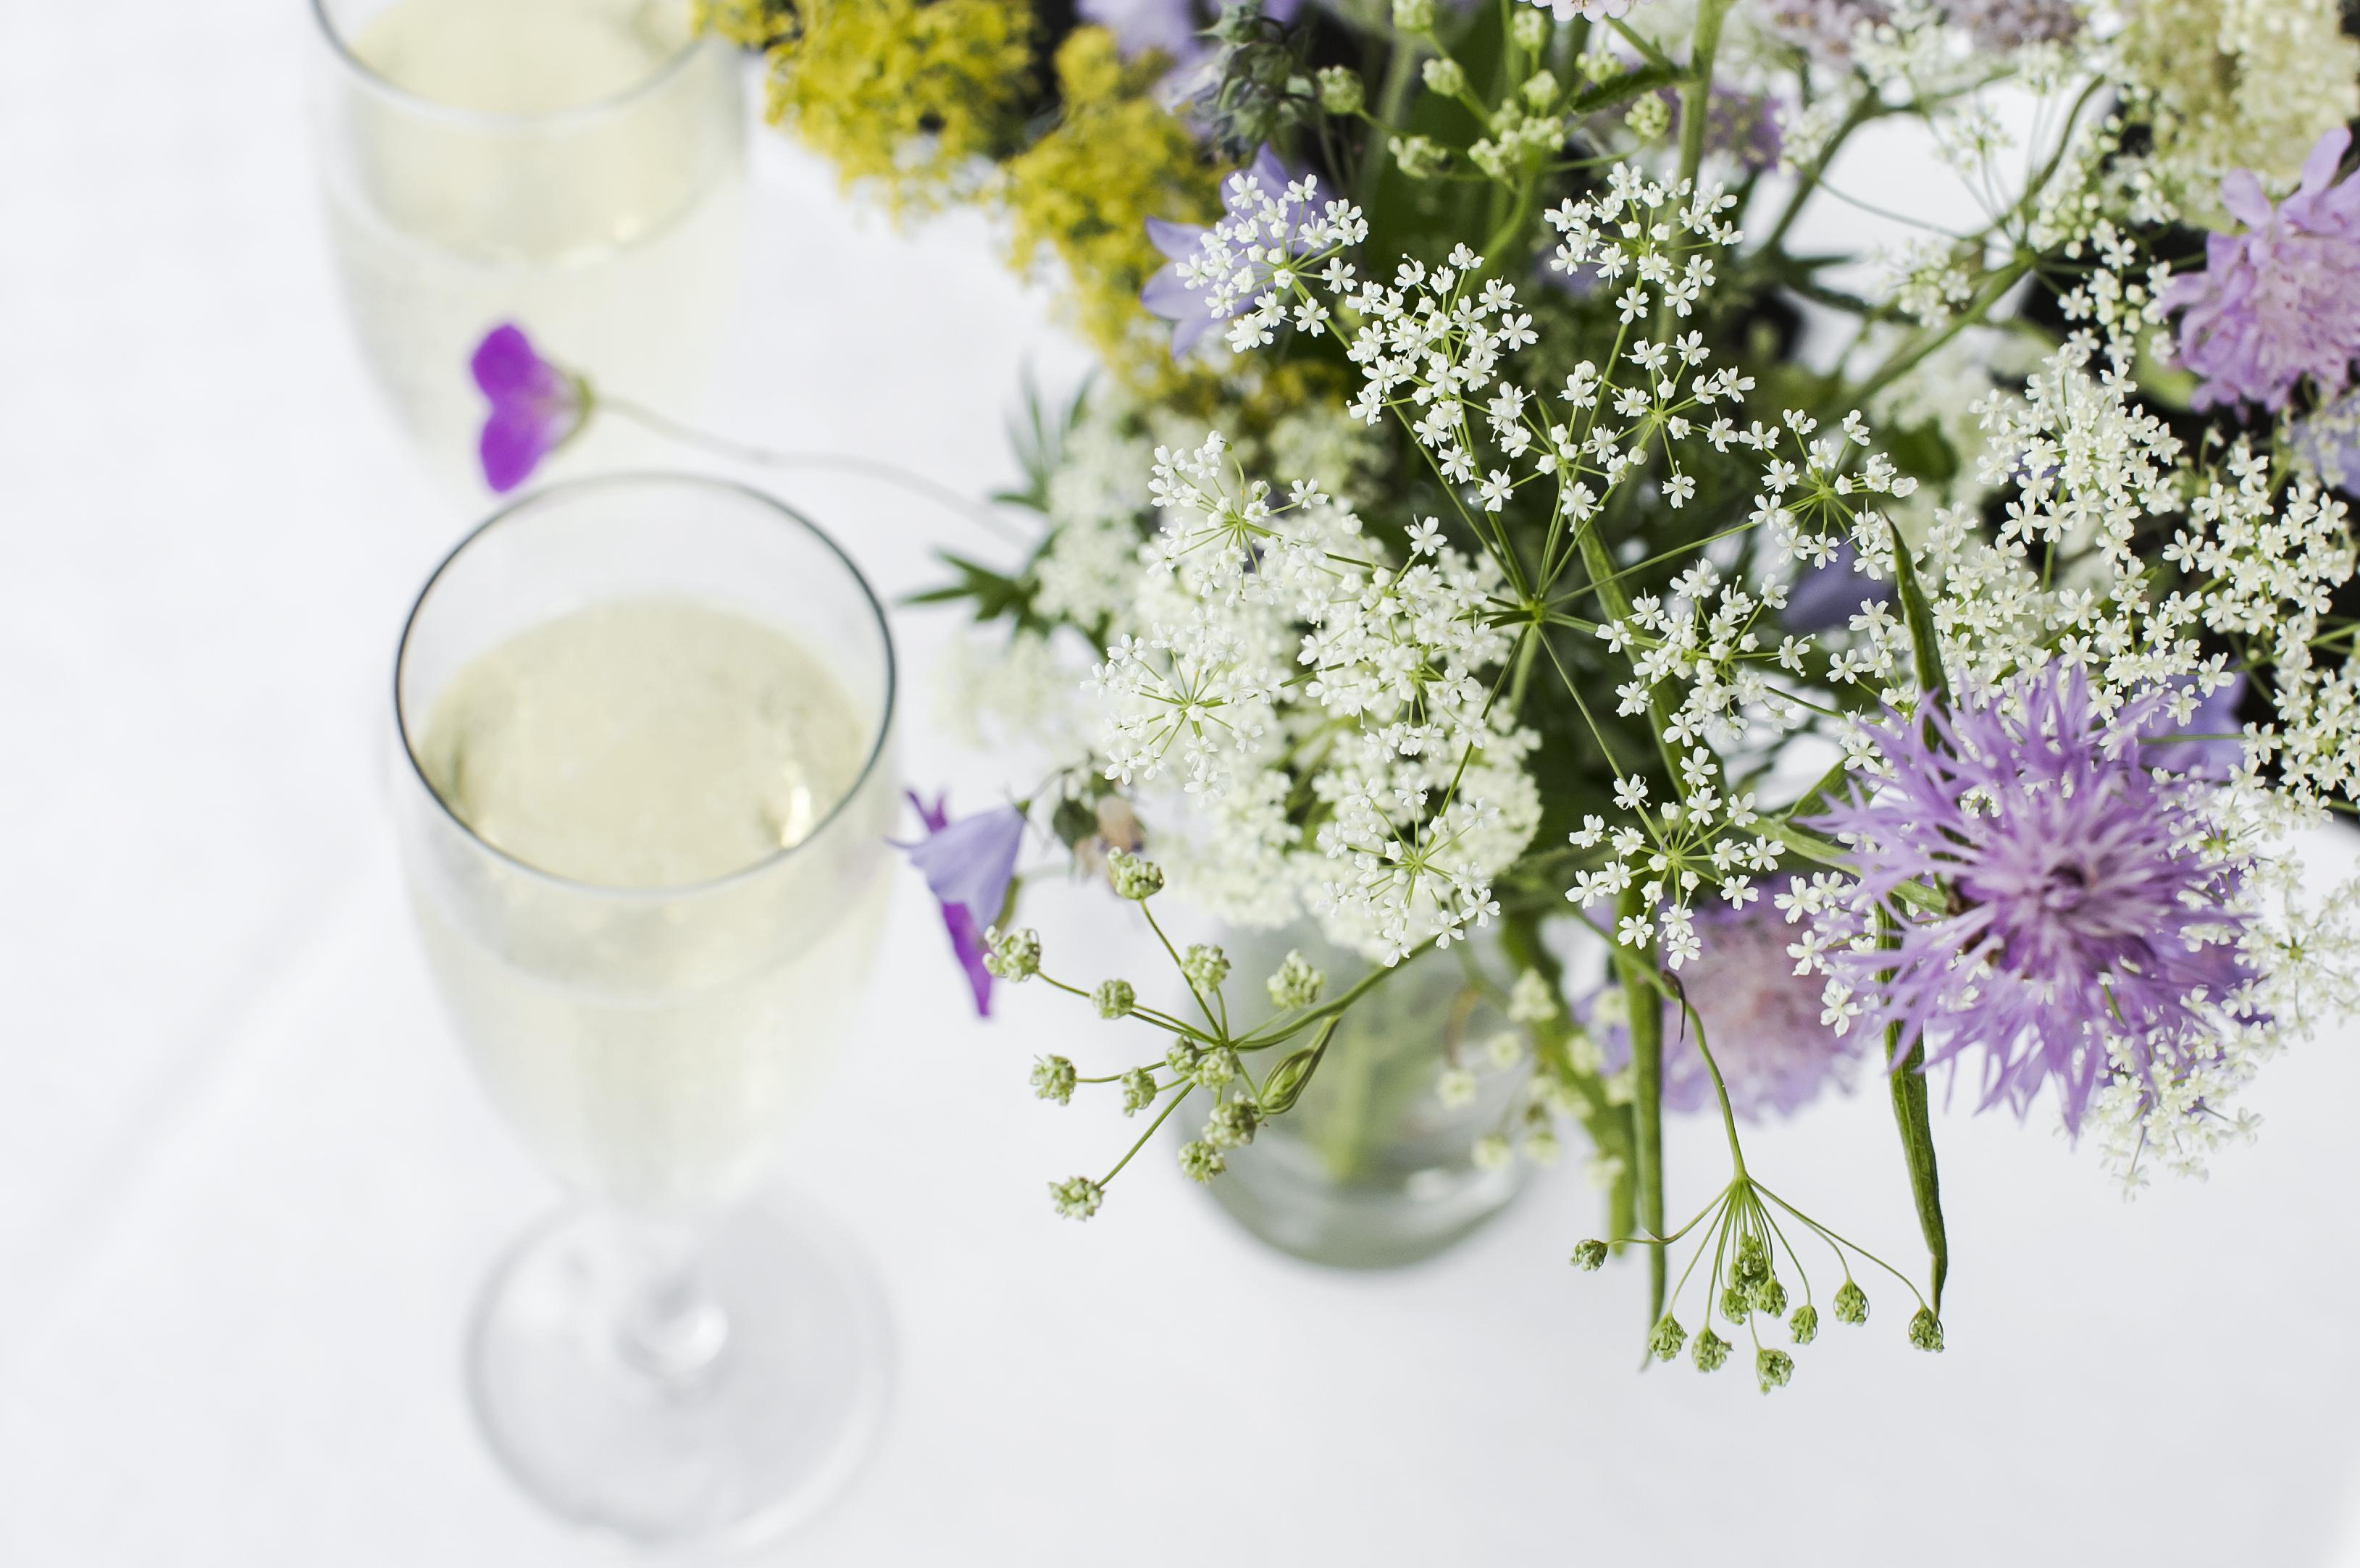 Uppdukat för bröllopsfest, skira vita blommor och glas på en vit duk